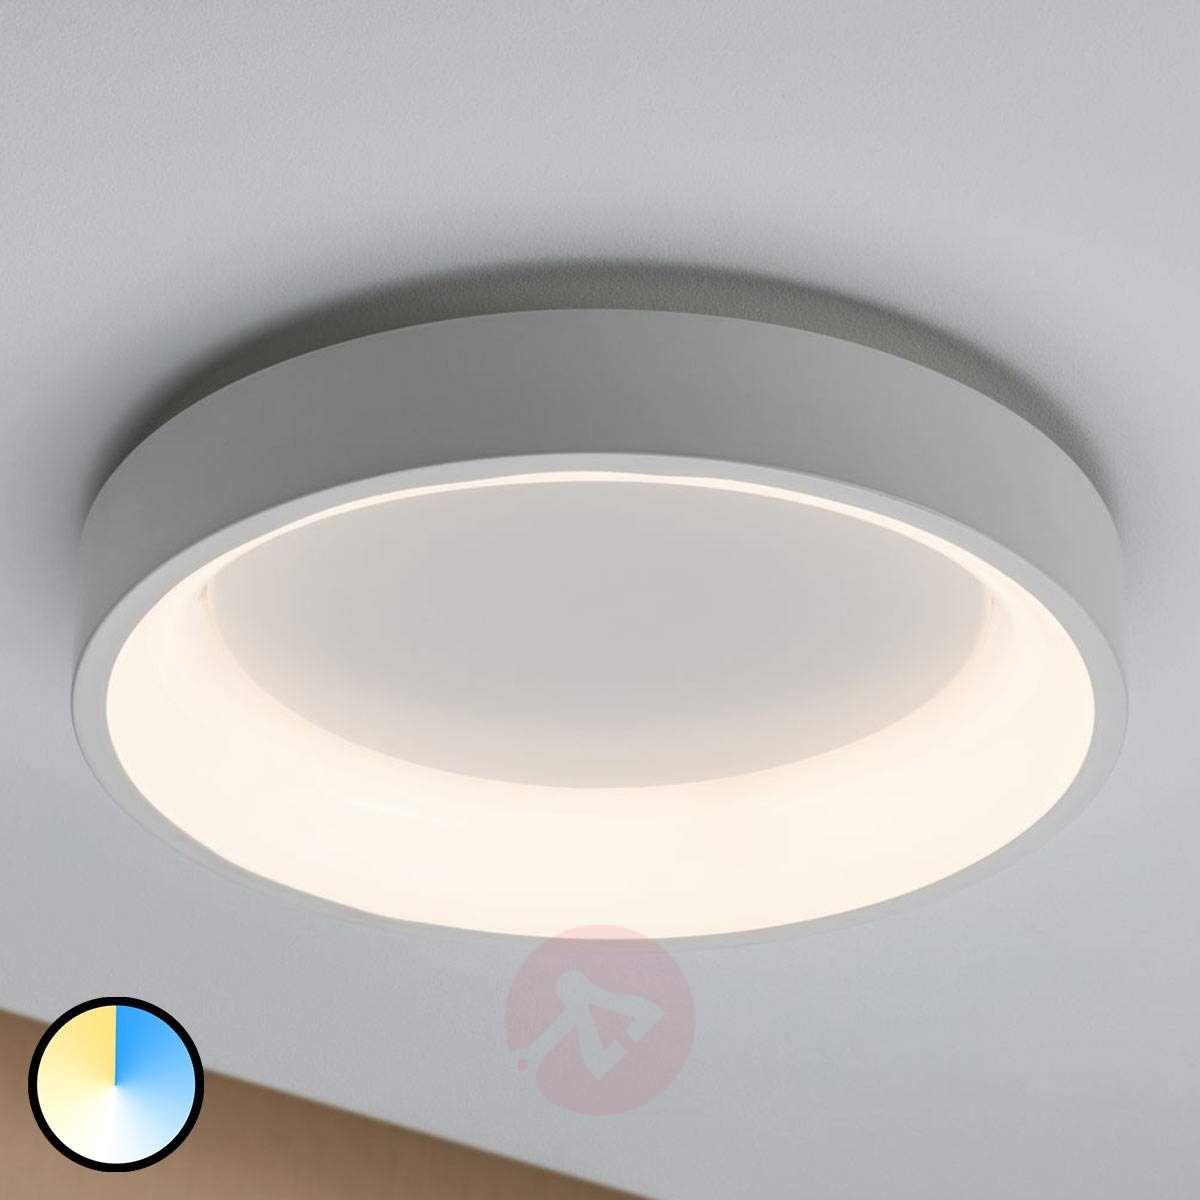 Plafon Nowoczesny Lampy Do Salonow Fryzjerskich Jakie Lampy Do Salonu I Jadalni Lampy Sufitowe Do Salonu Klasyczne Plafon Krysz Ceiling Lights Led Lamp